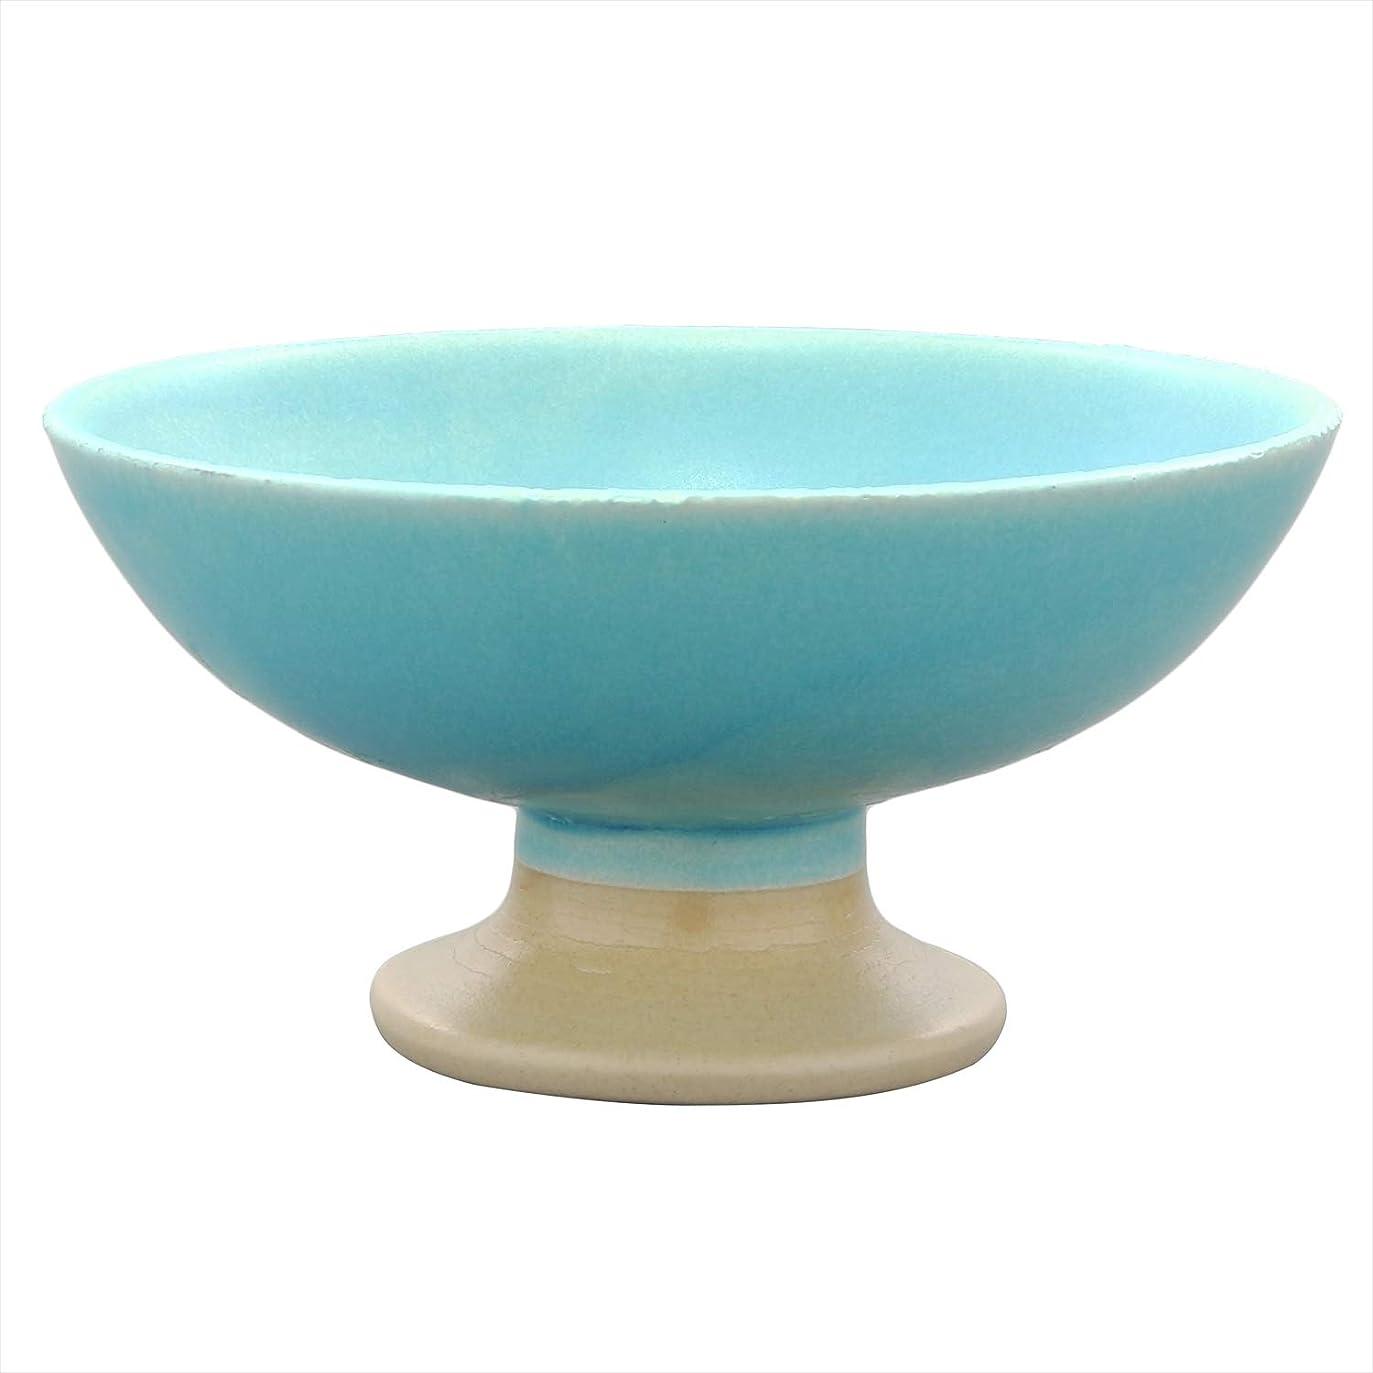 ケーブルシャープのれんイチキュウ(Ichikyu) 小鉢 水色 11.7cm 美濃焼 高台 鉢 青釉